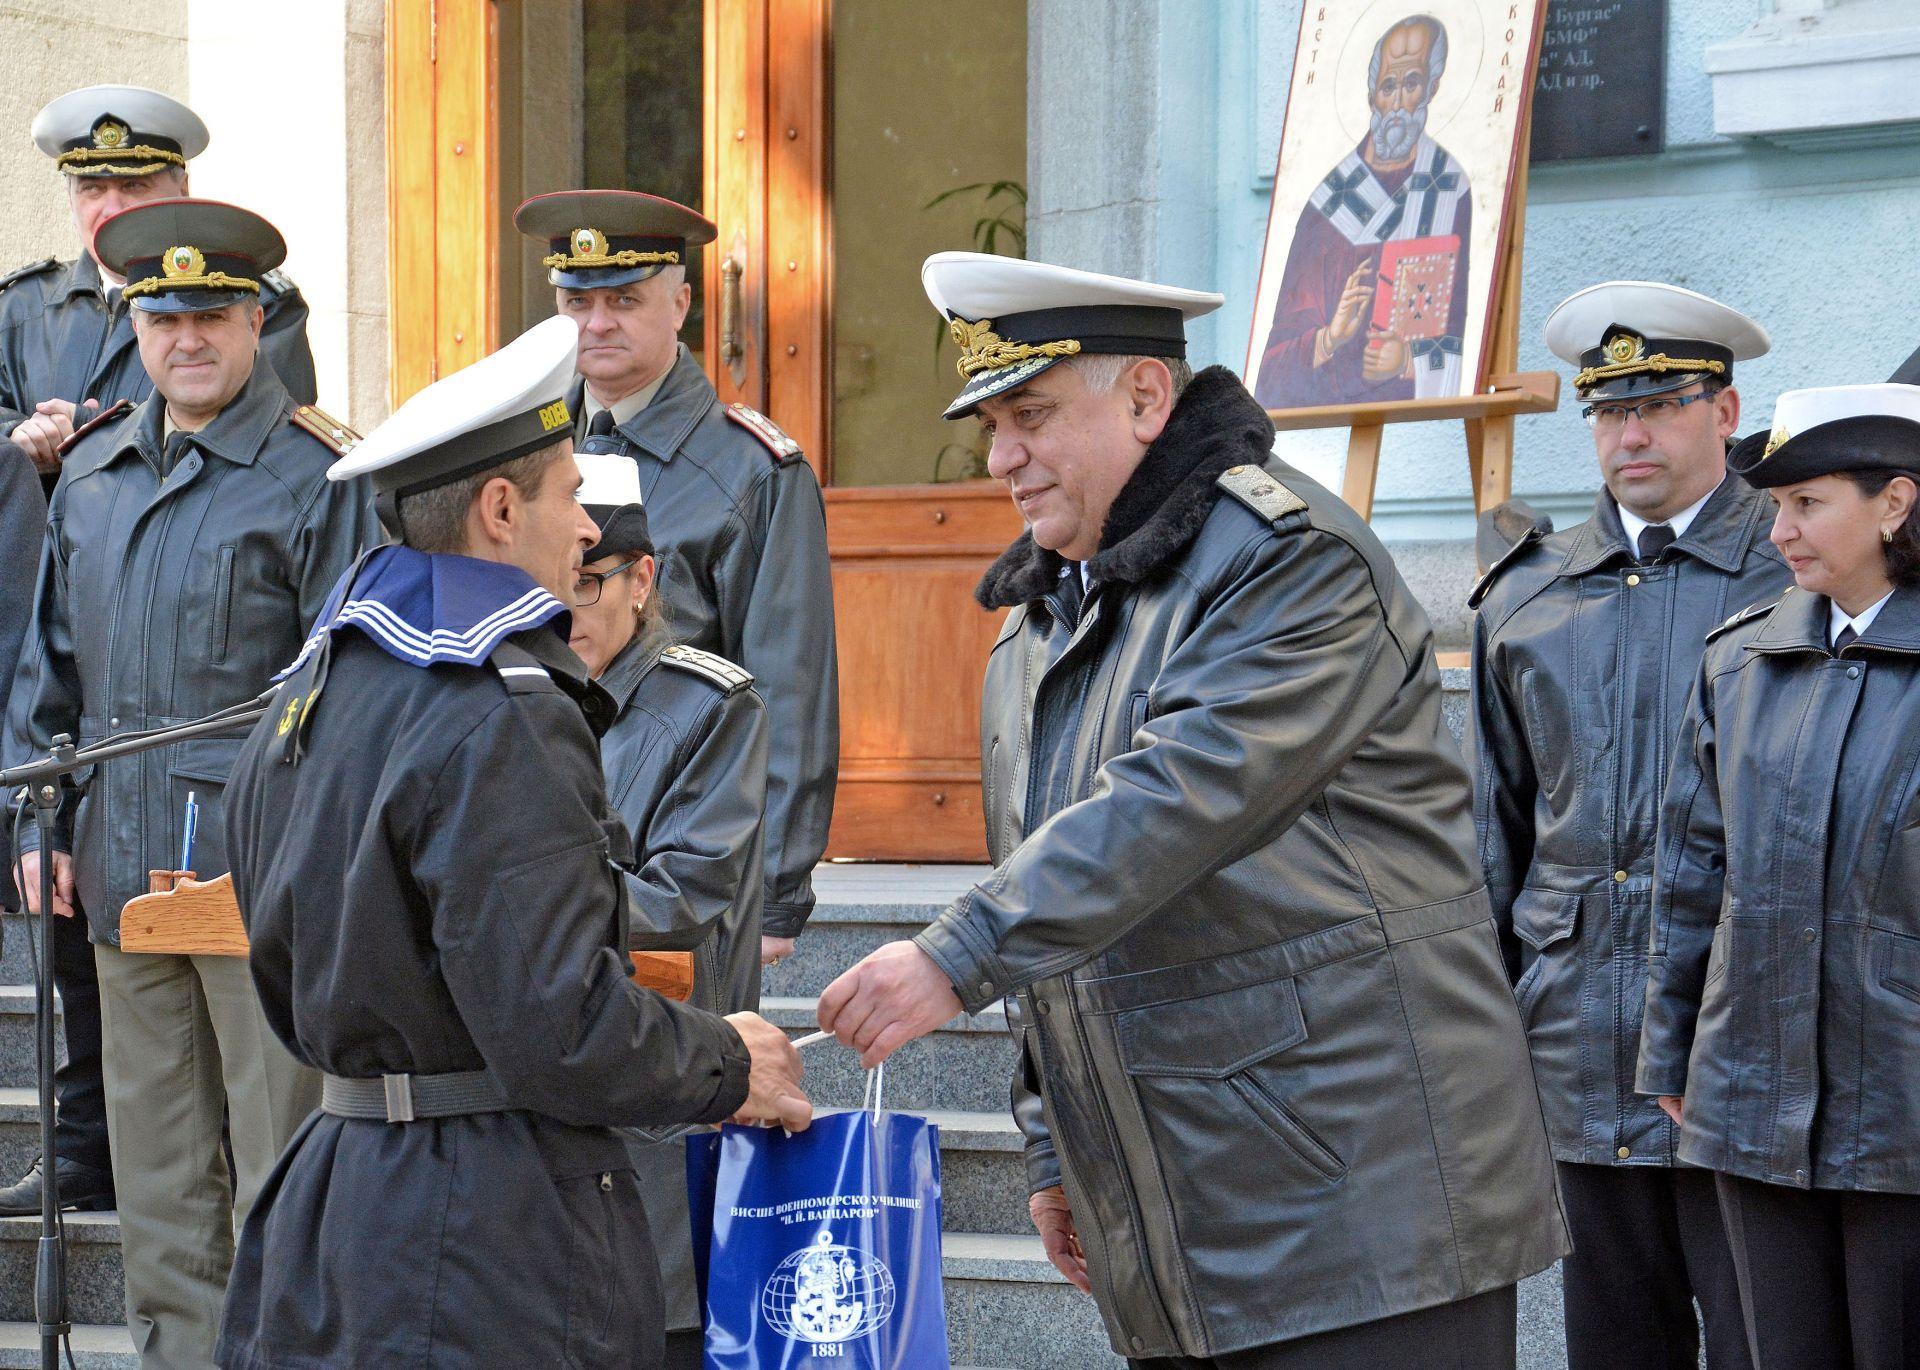 След военните почести бяха обявени заповеди за награждаване на военнослужещи, курсанти и цивилни служители